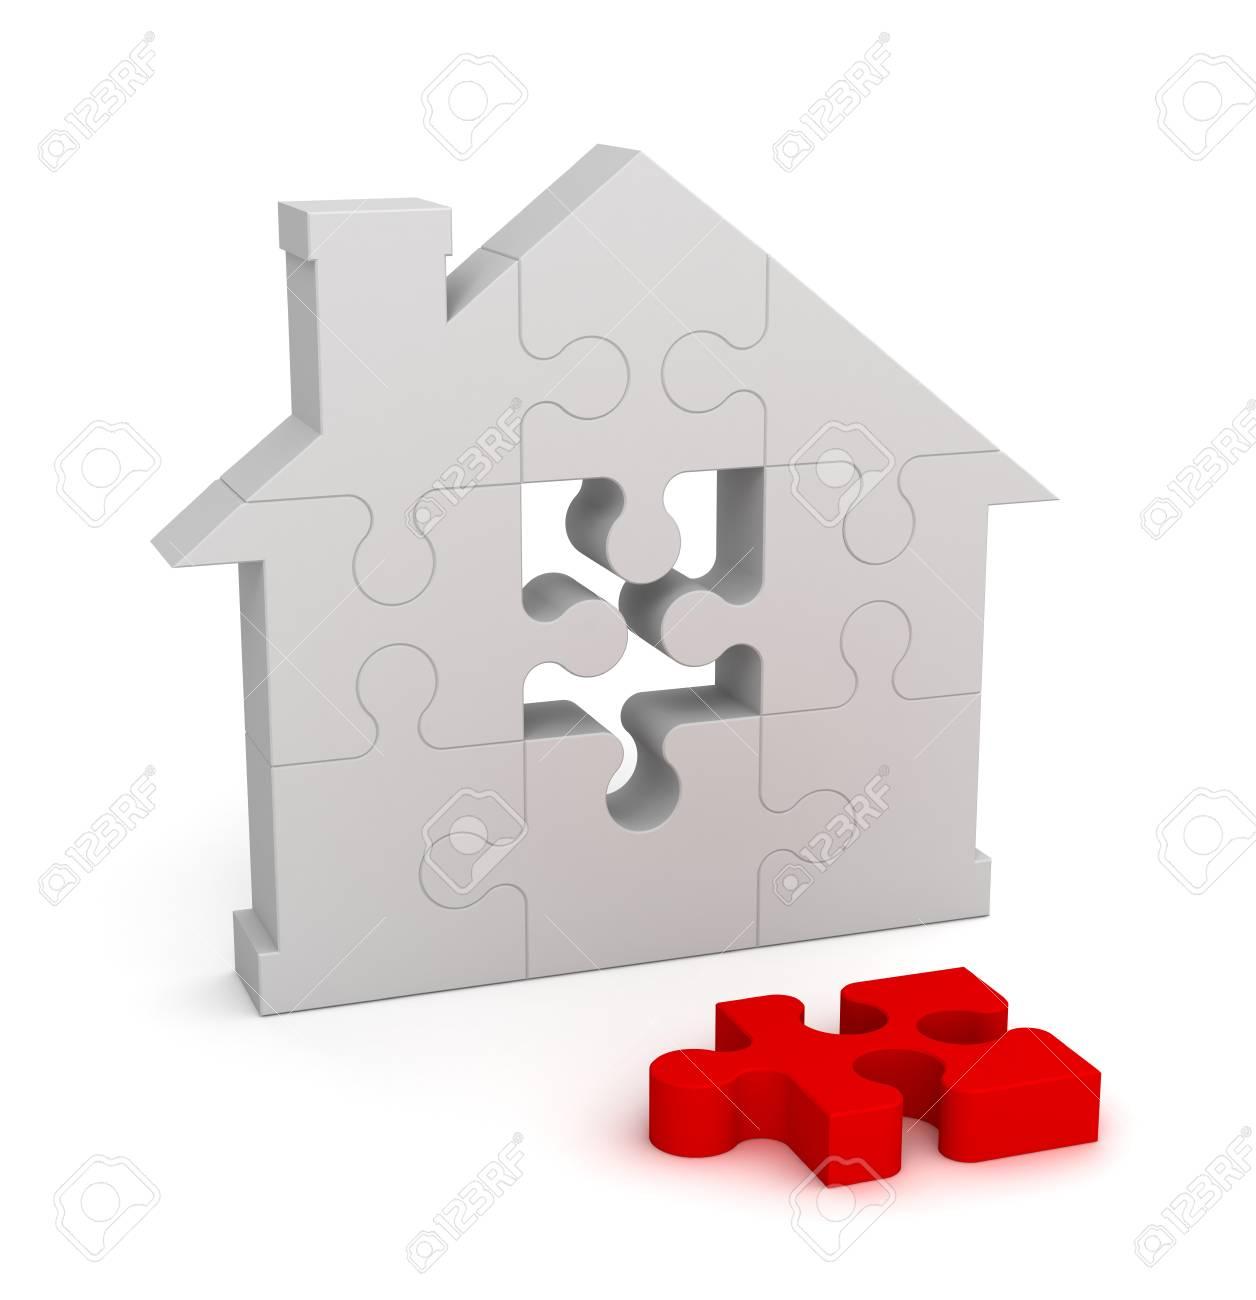 Fantastisch Wie Ein Puzzle Zu Hause Gestalten Ideen - Rahmen Ideen ...